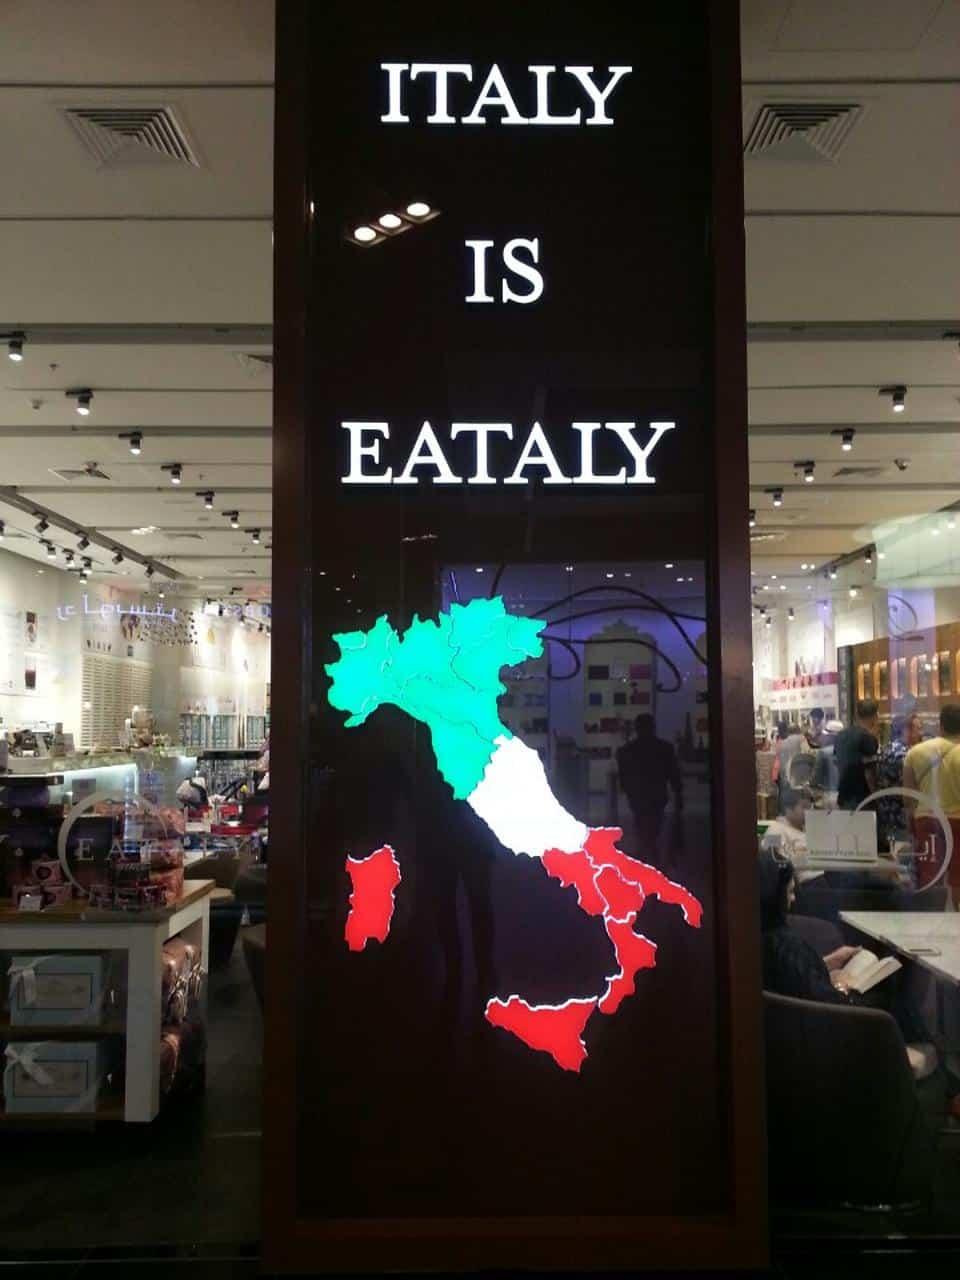 مطعم ايتالي دبي مول